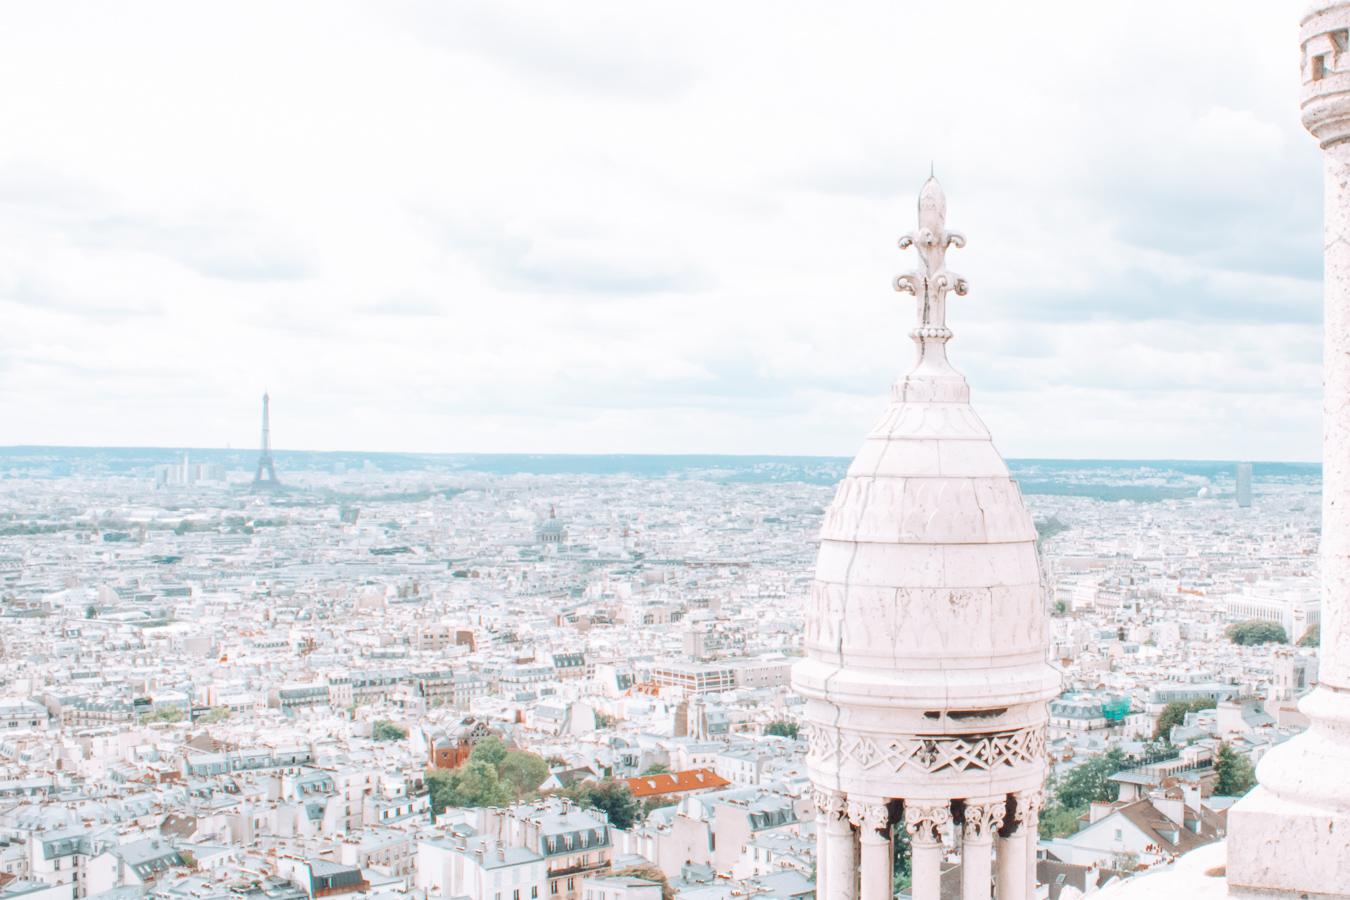 View of Paris from the Sacré-Cœur